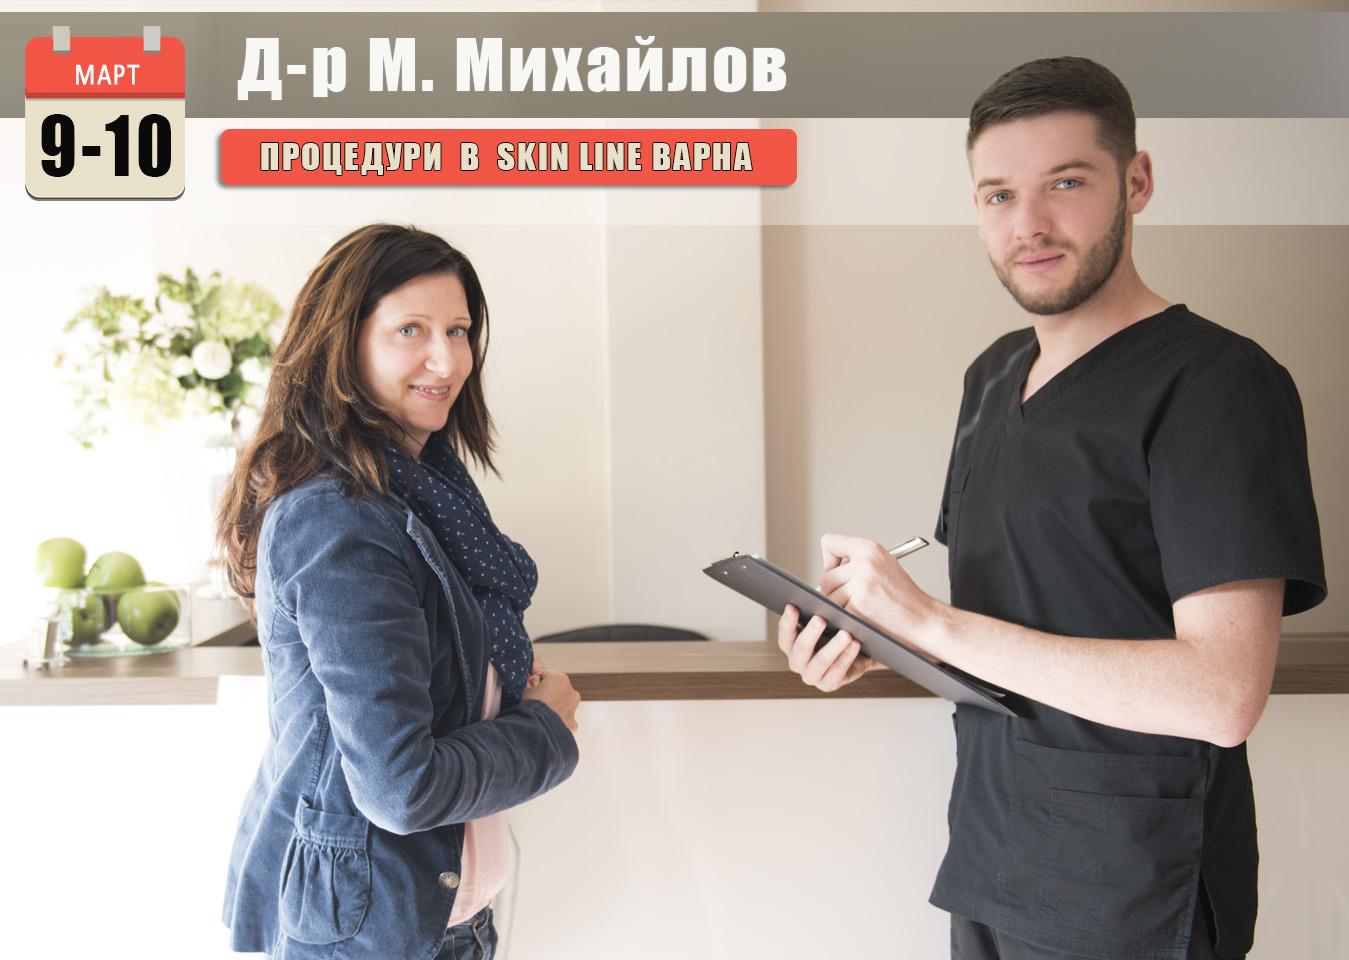 Д-р Михайлов във Варна